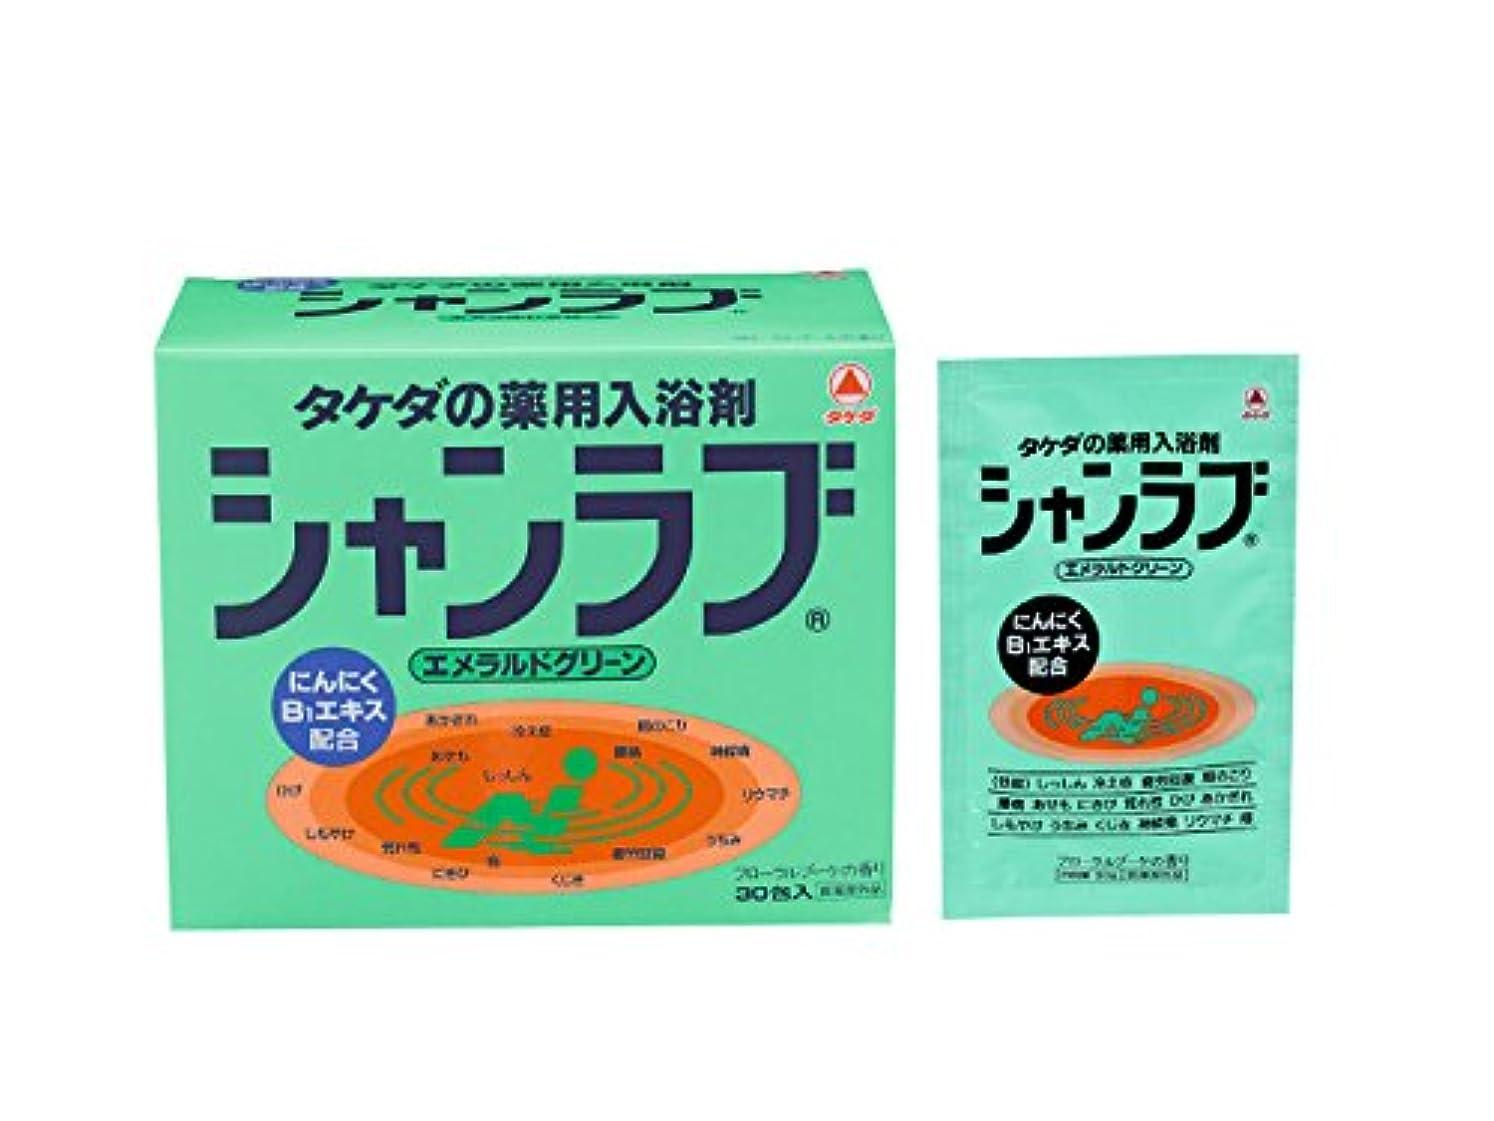 一元化するあいまいさ絶対の武田コンシューマーヘルスケア シャンラブ エメラルドグリーン 30包